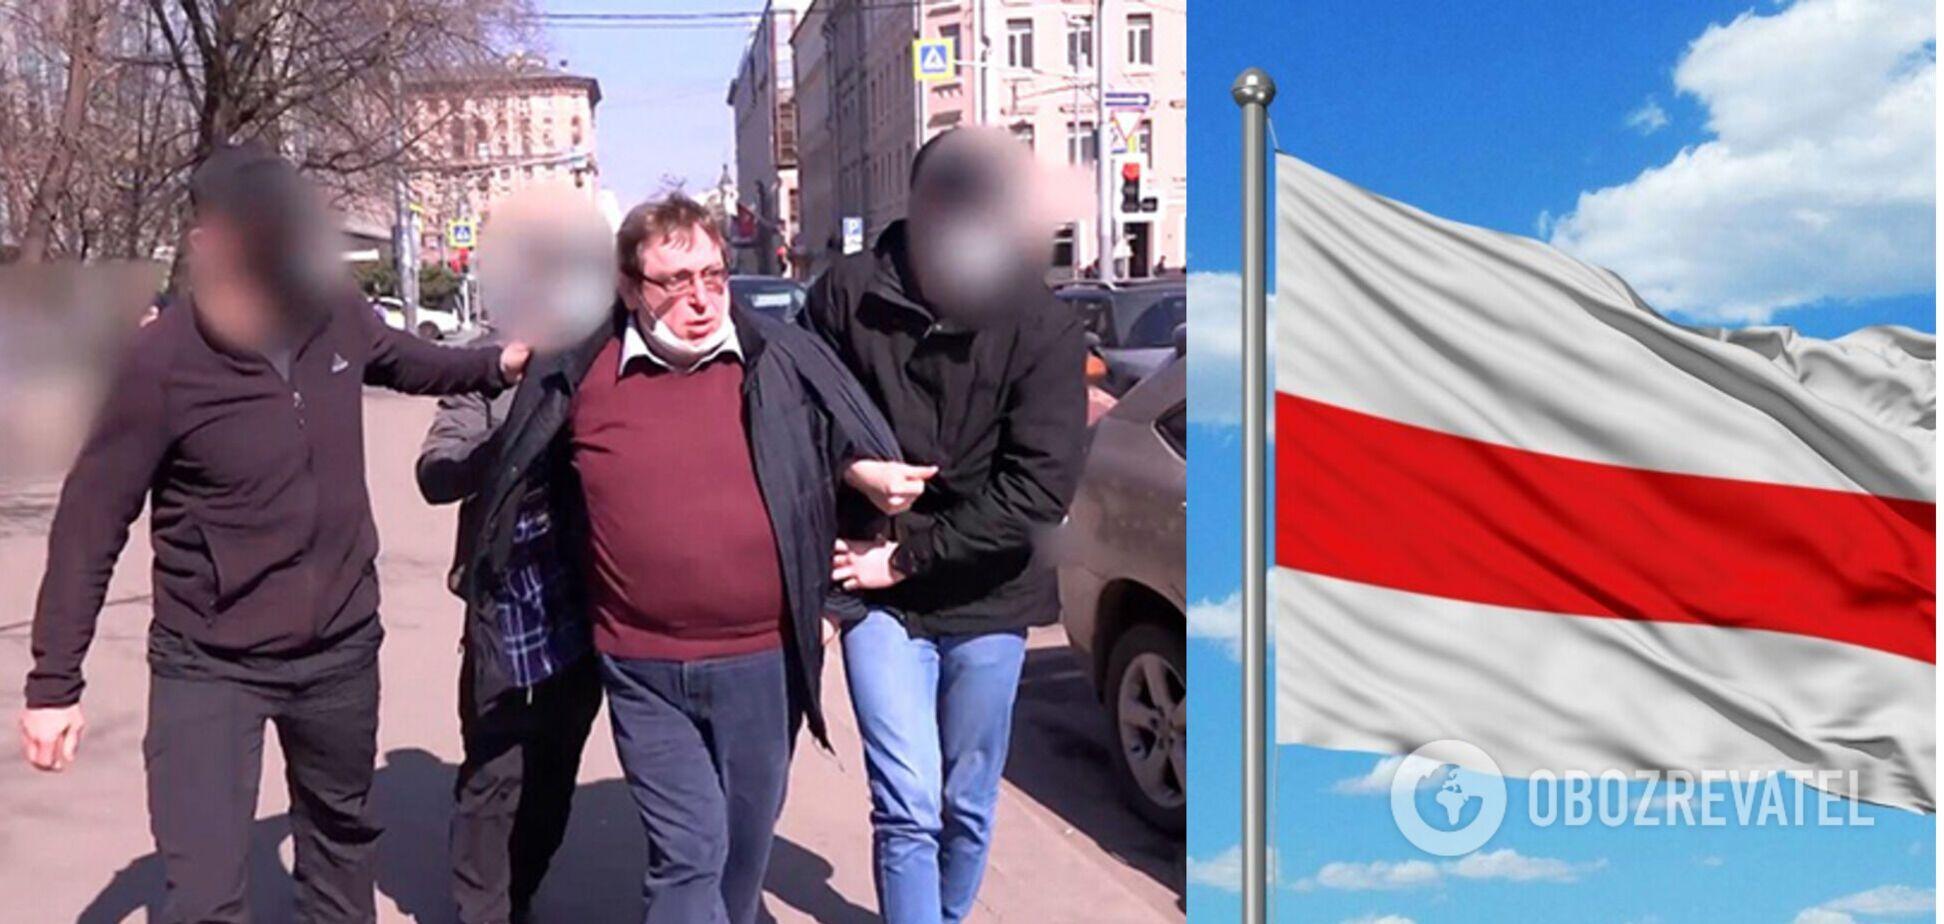 В Беларуси задержанные за попытку 'государственного переворота' дают признательные показания